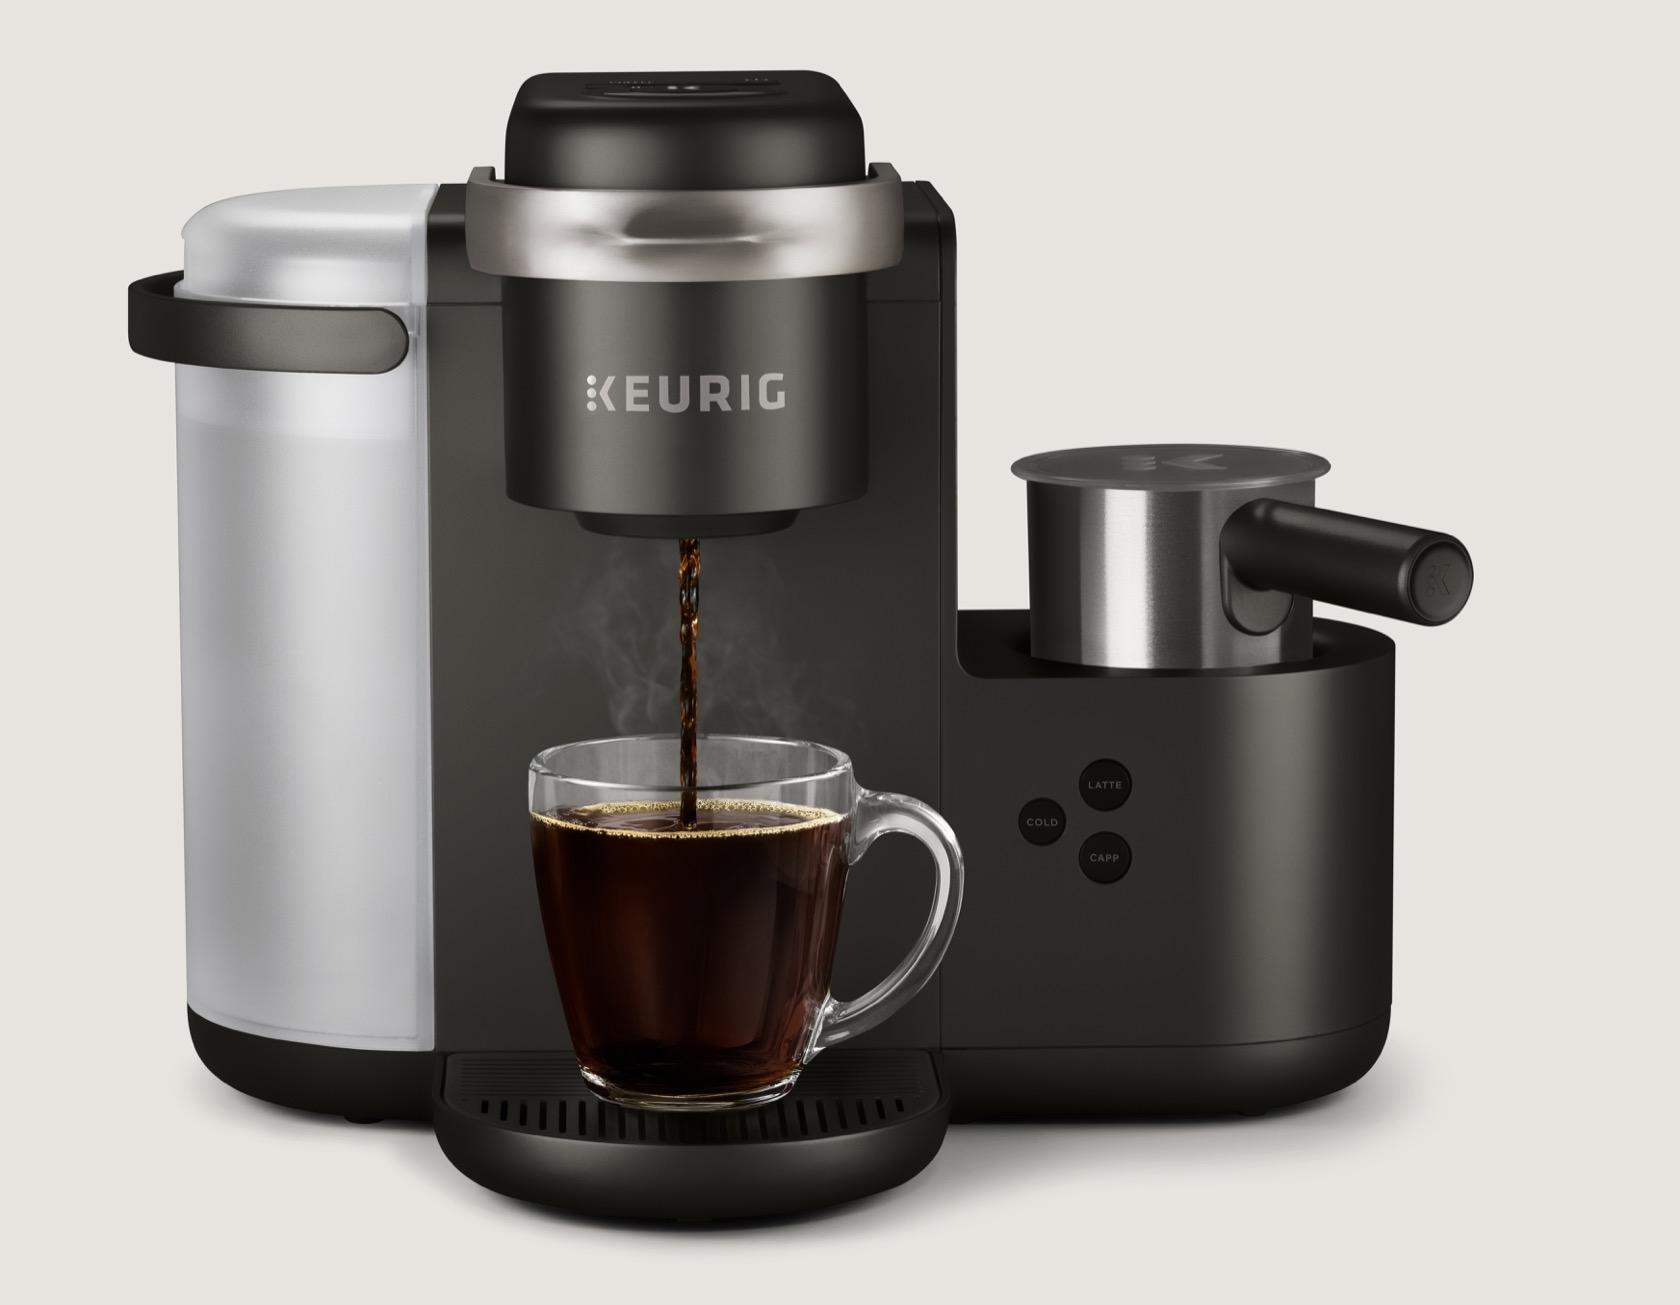 Keurig Coffee Maker Reddit - Image of Coffee and Tea